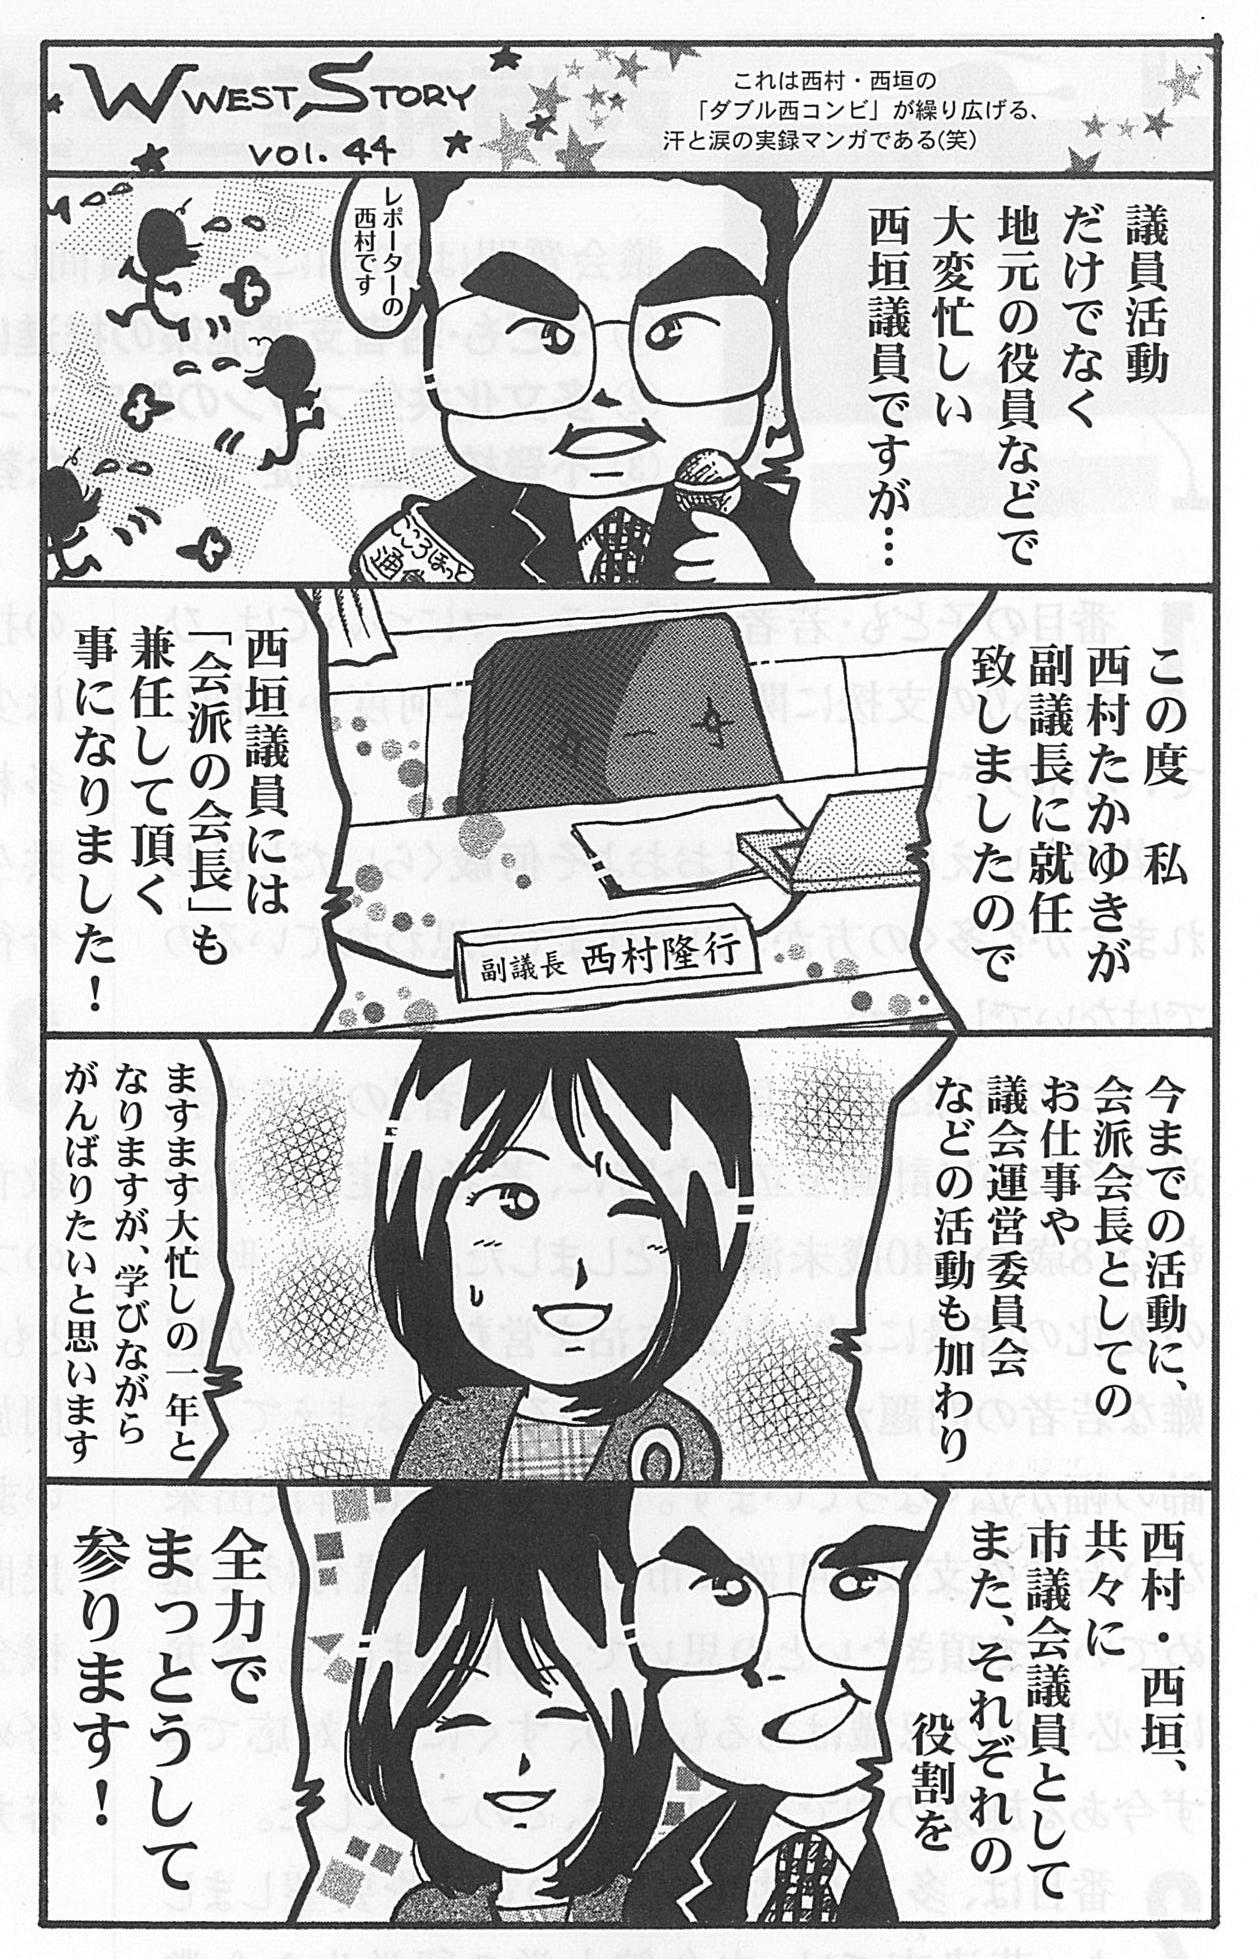 jitsuroku_vol44.jpg